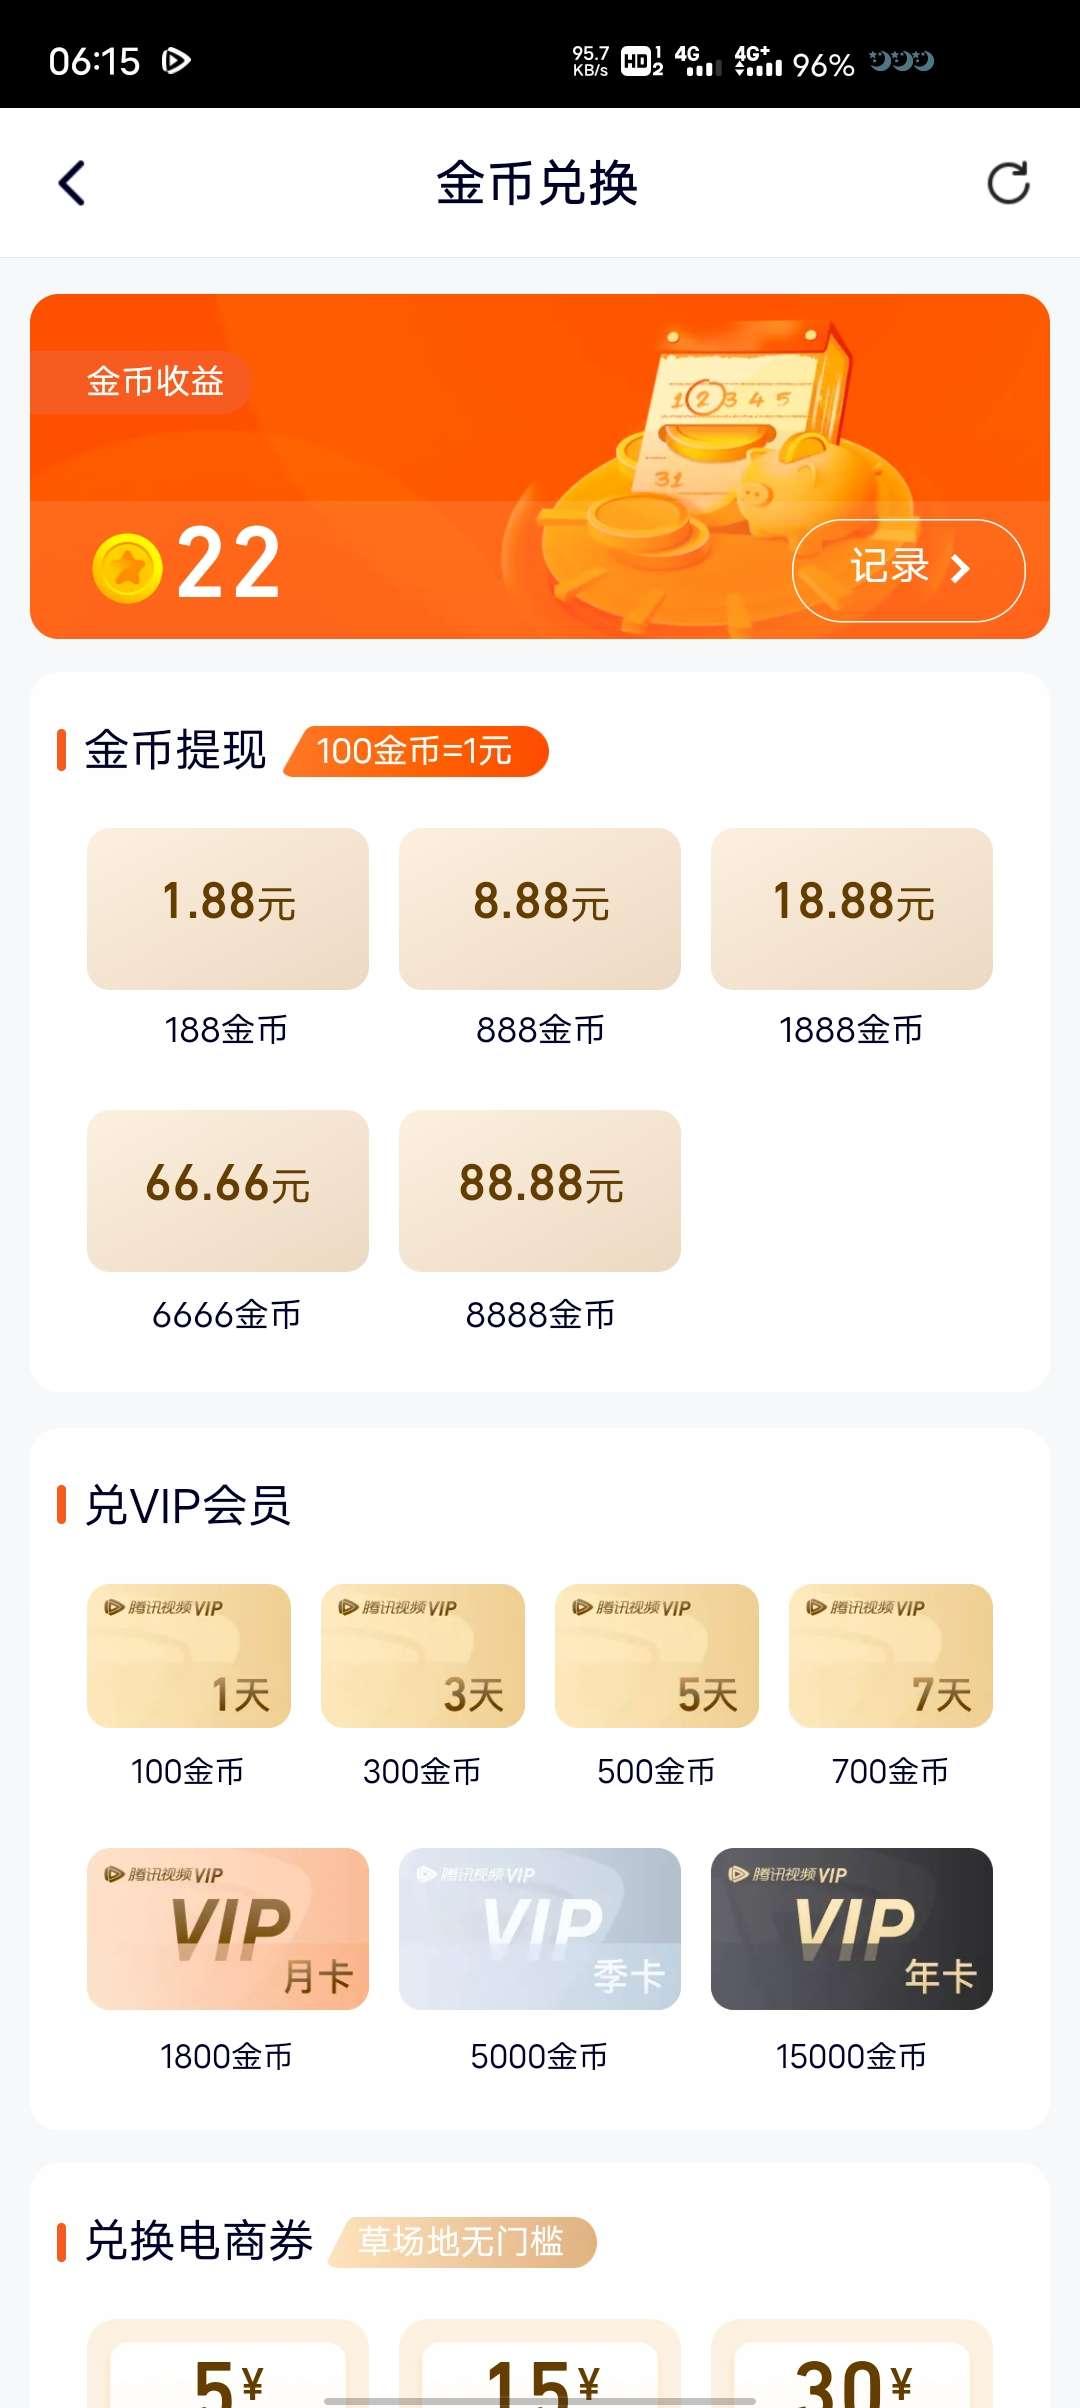 【现金红包】腾讯视频看奥运抽最高8888元